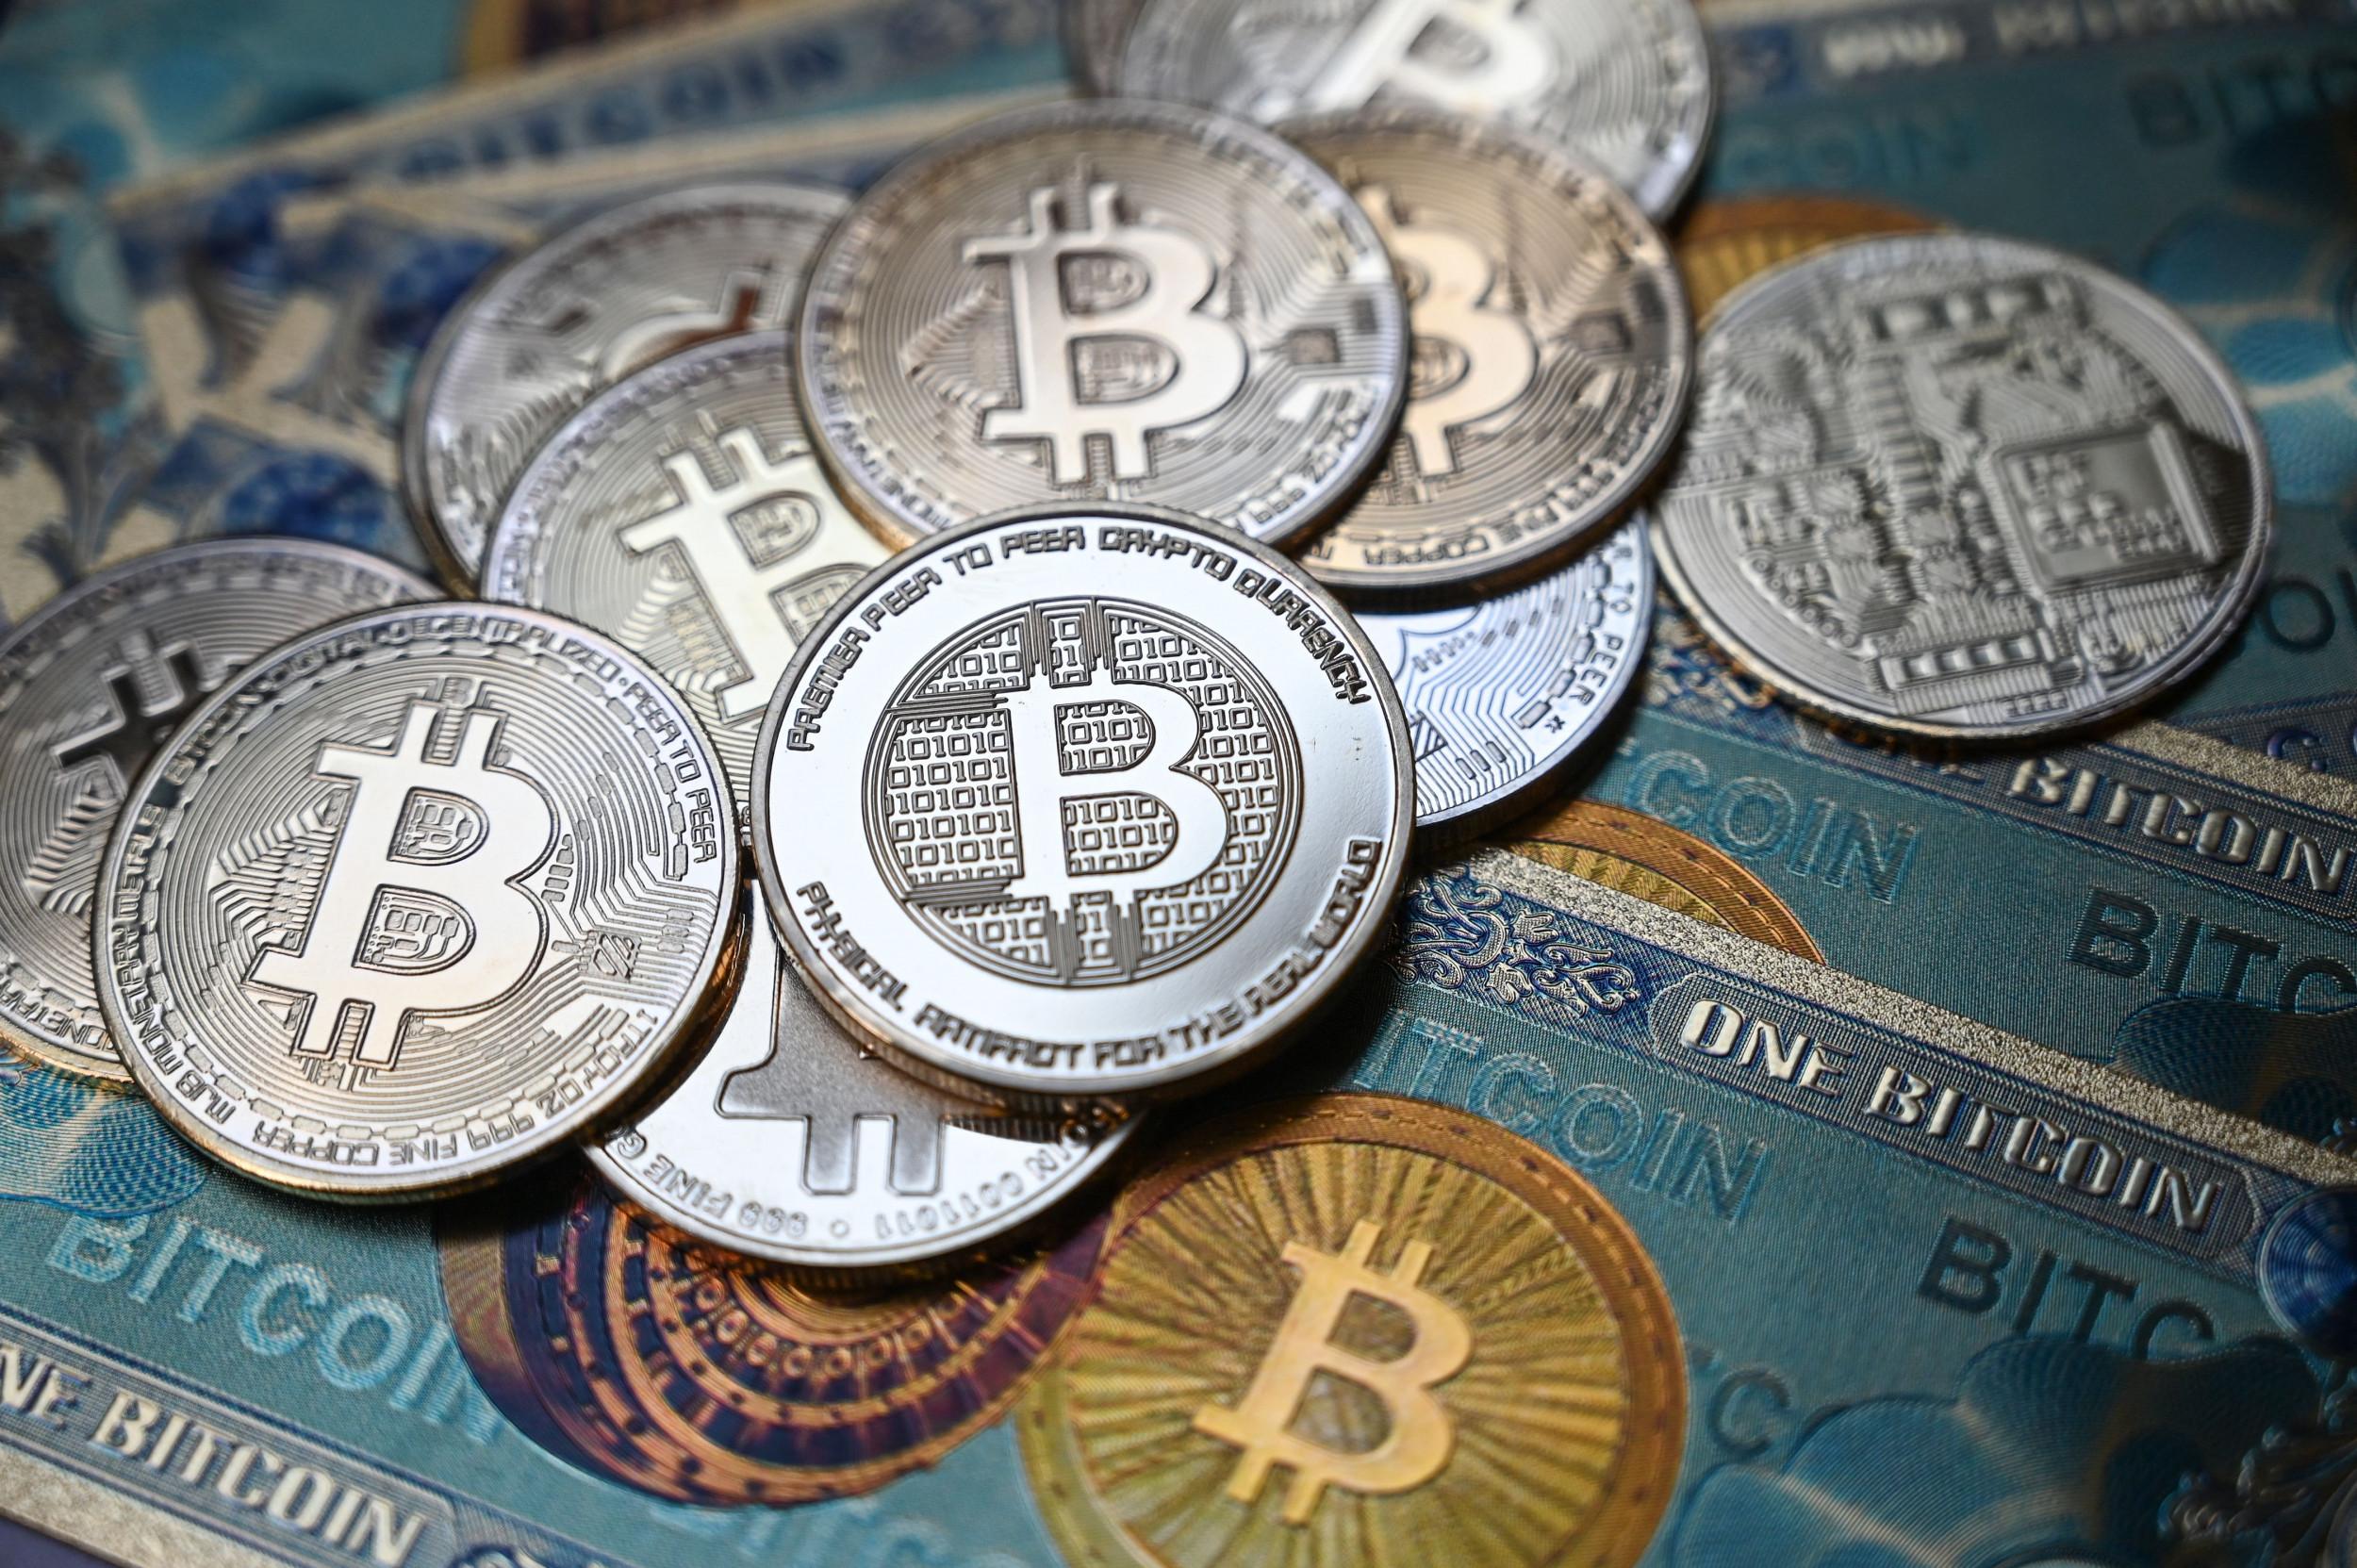 Bitcoin Twitter tips